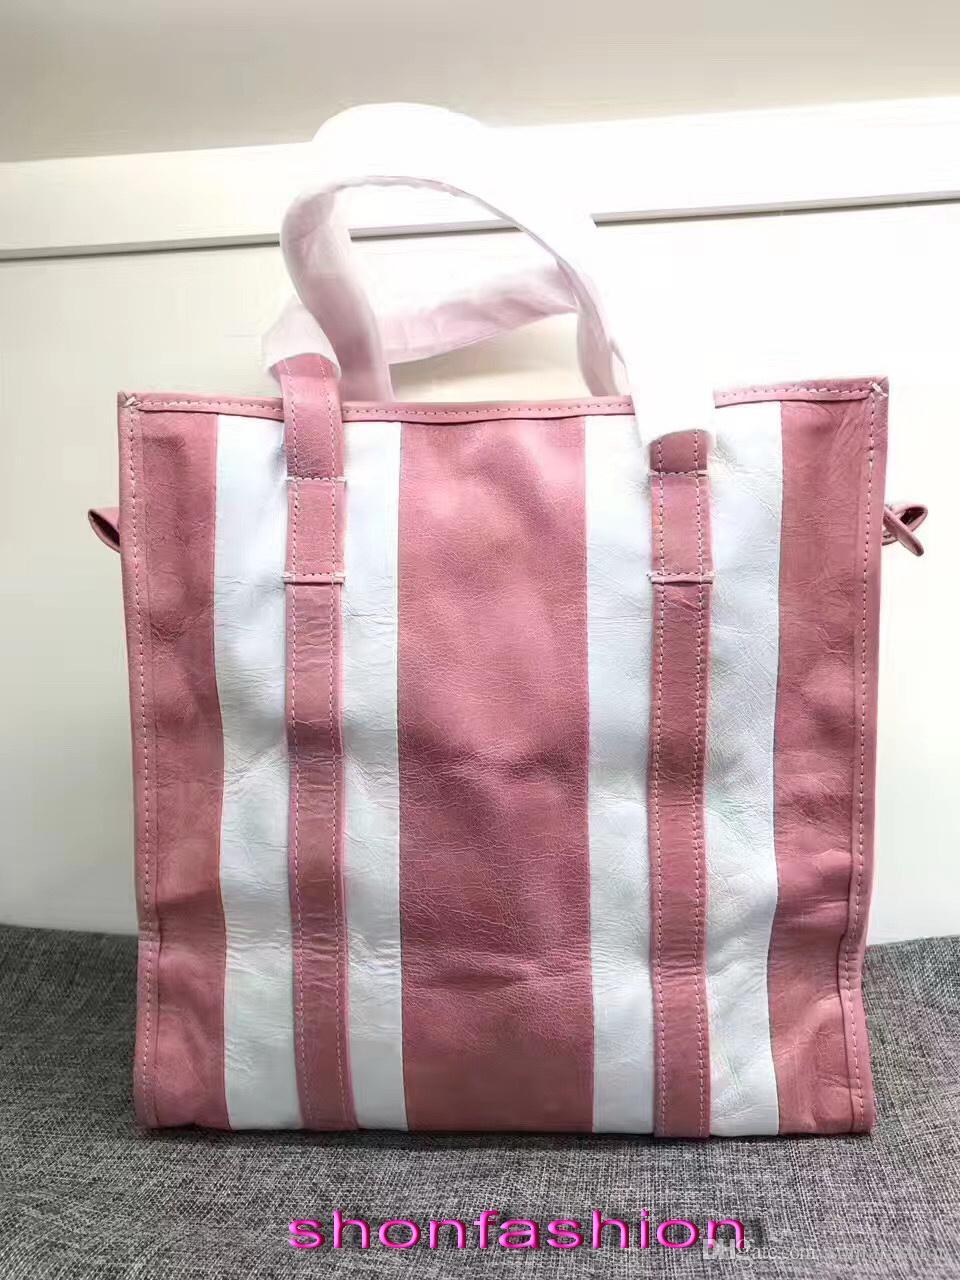 2017 новая мода стиль женщины шоппинг сумочка 100% натуральная воловья кожа мода супер звезда та же модель цвет тканая сумка средний размер 28x15x